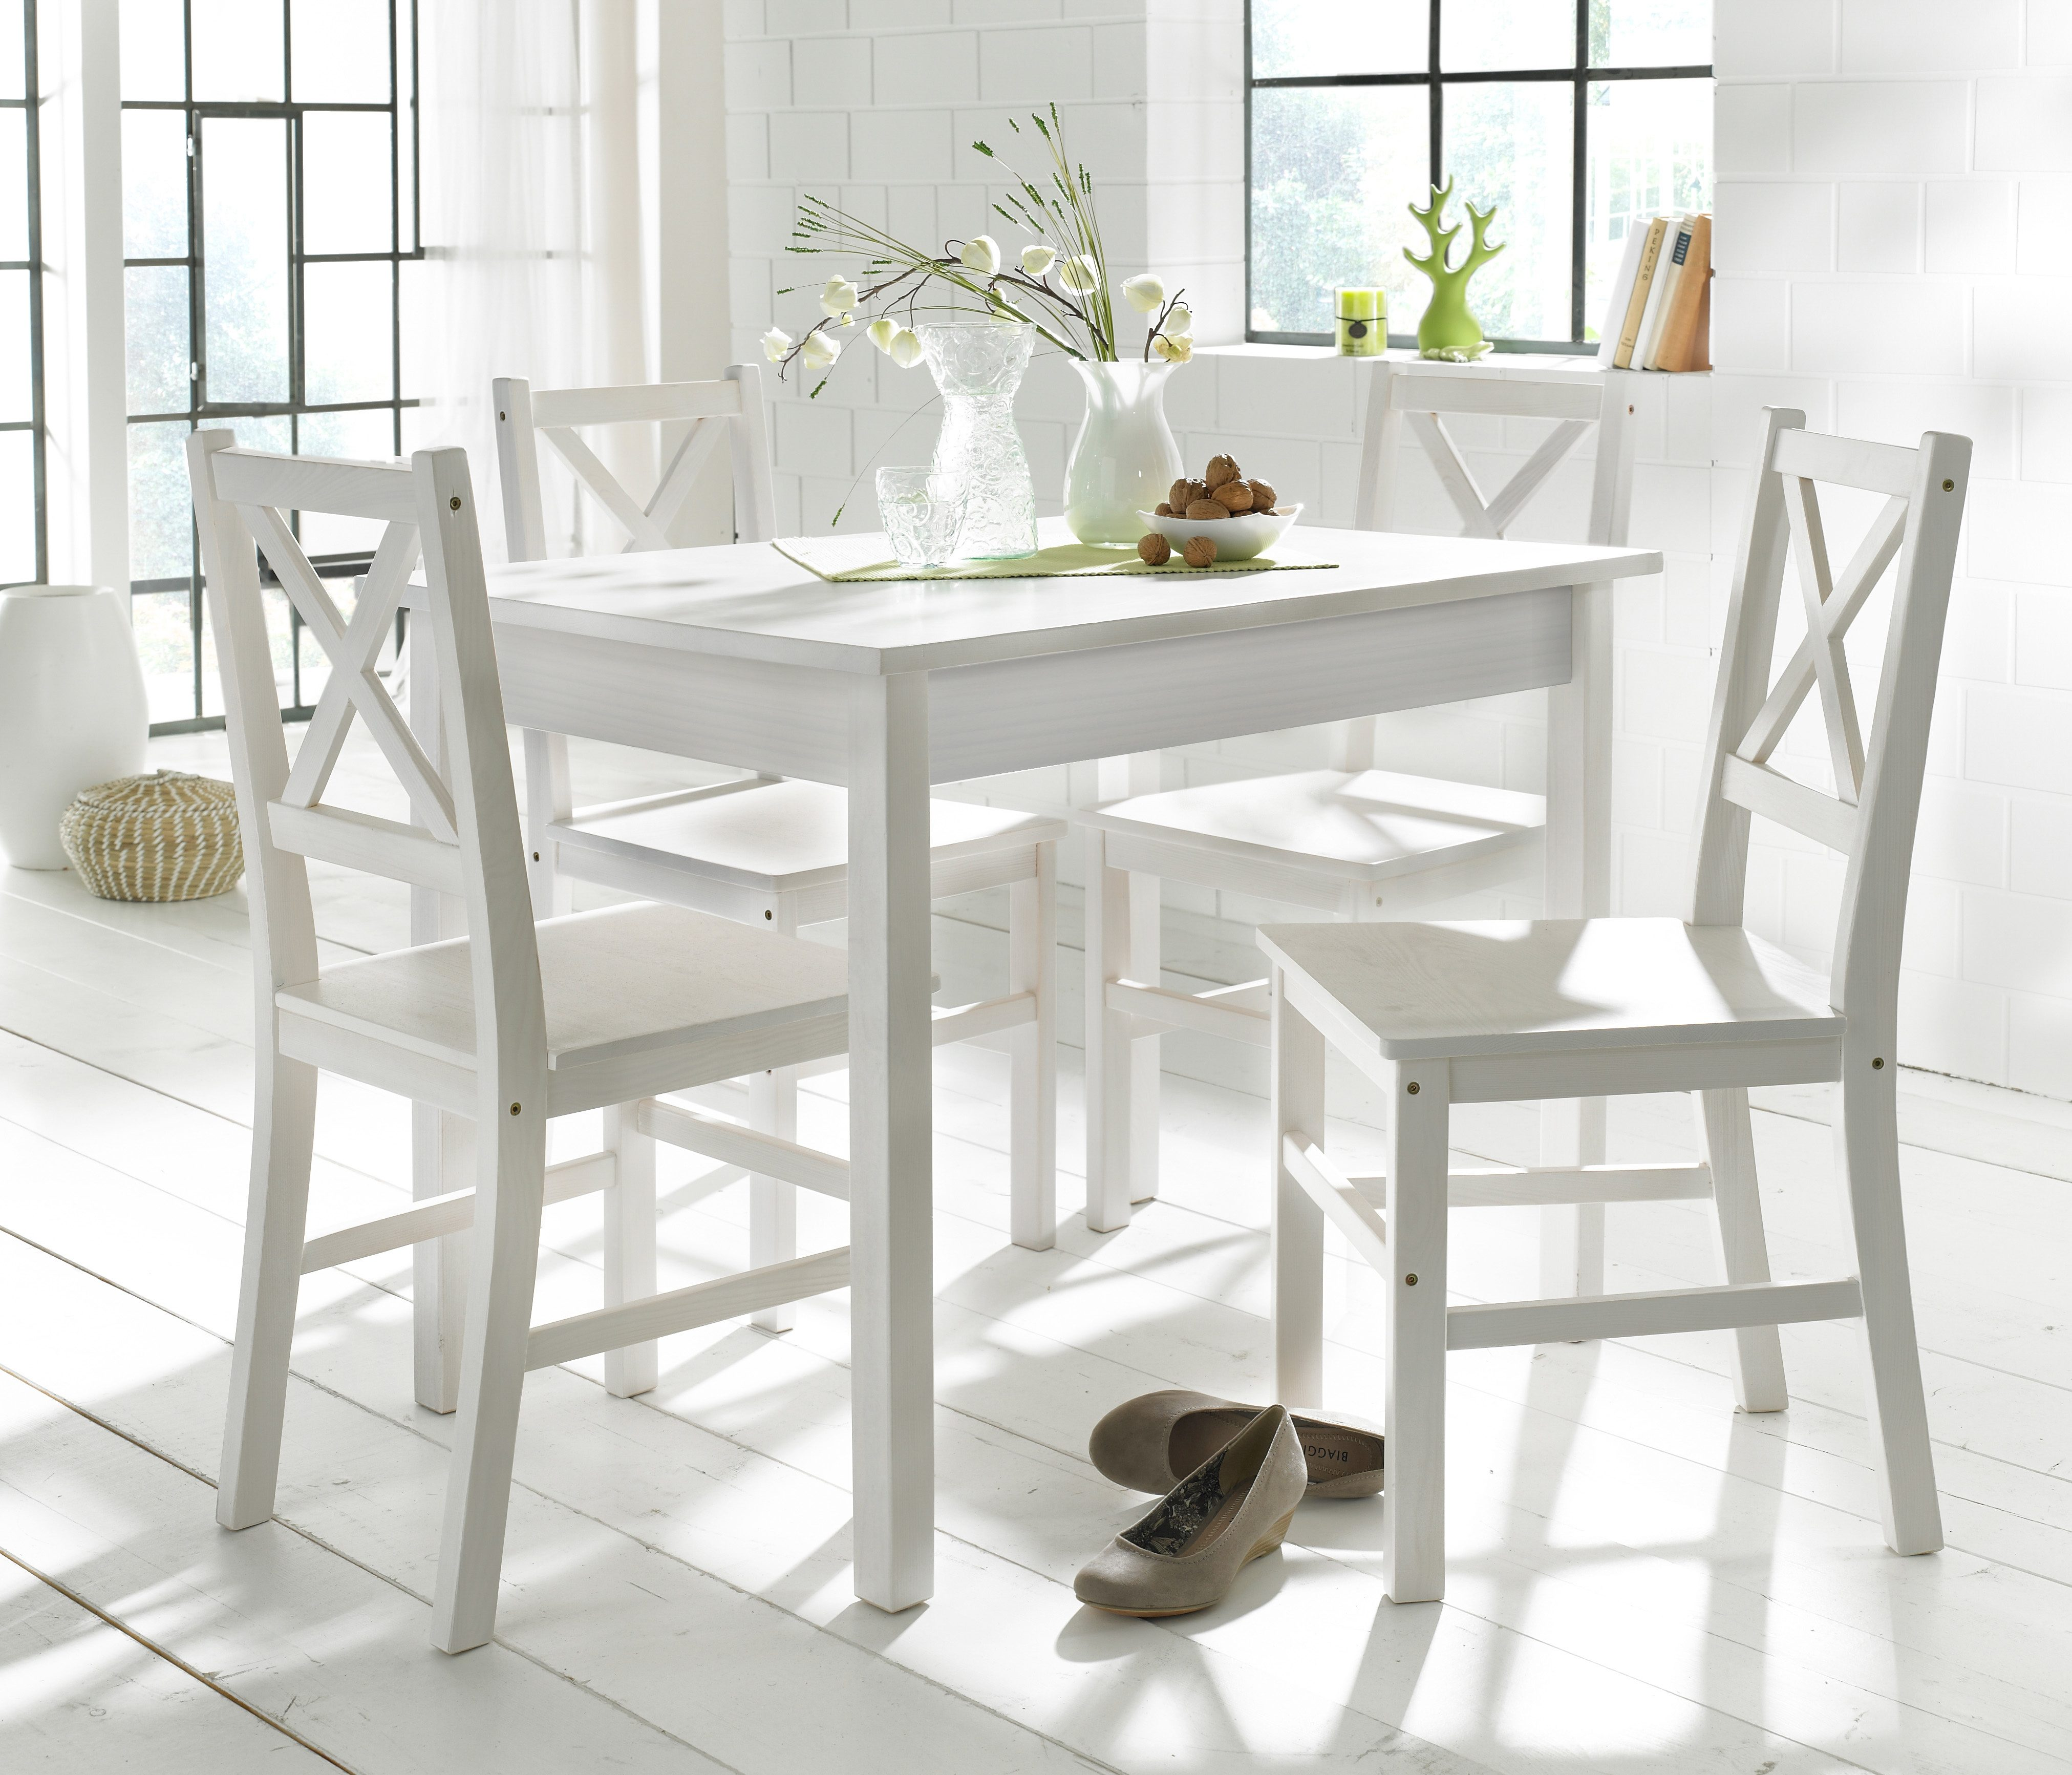 Home affaire Essgruppe (5-tlg) mit kleinem oder großem Tisch